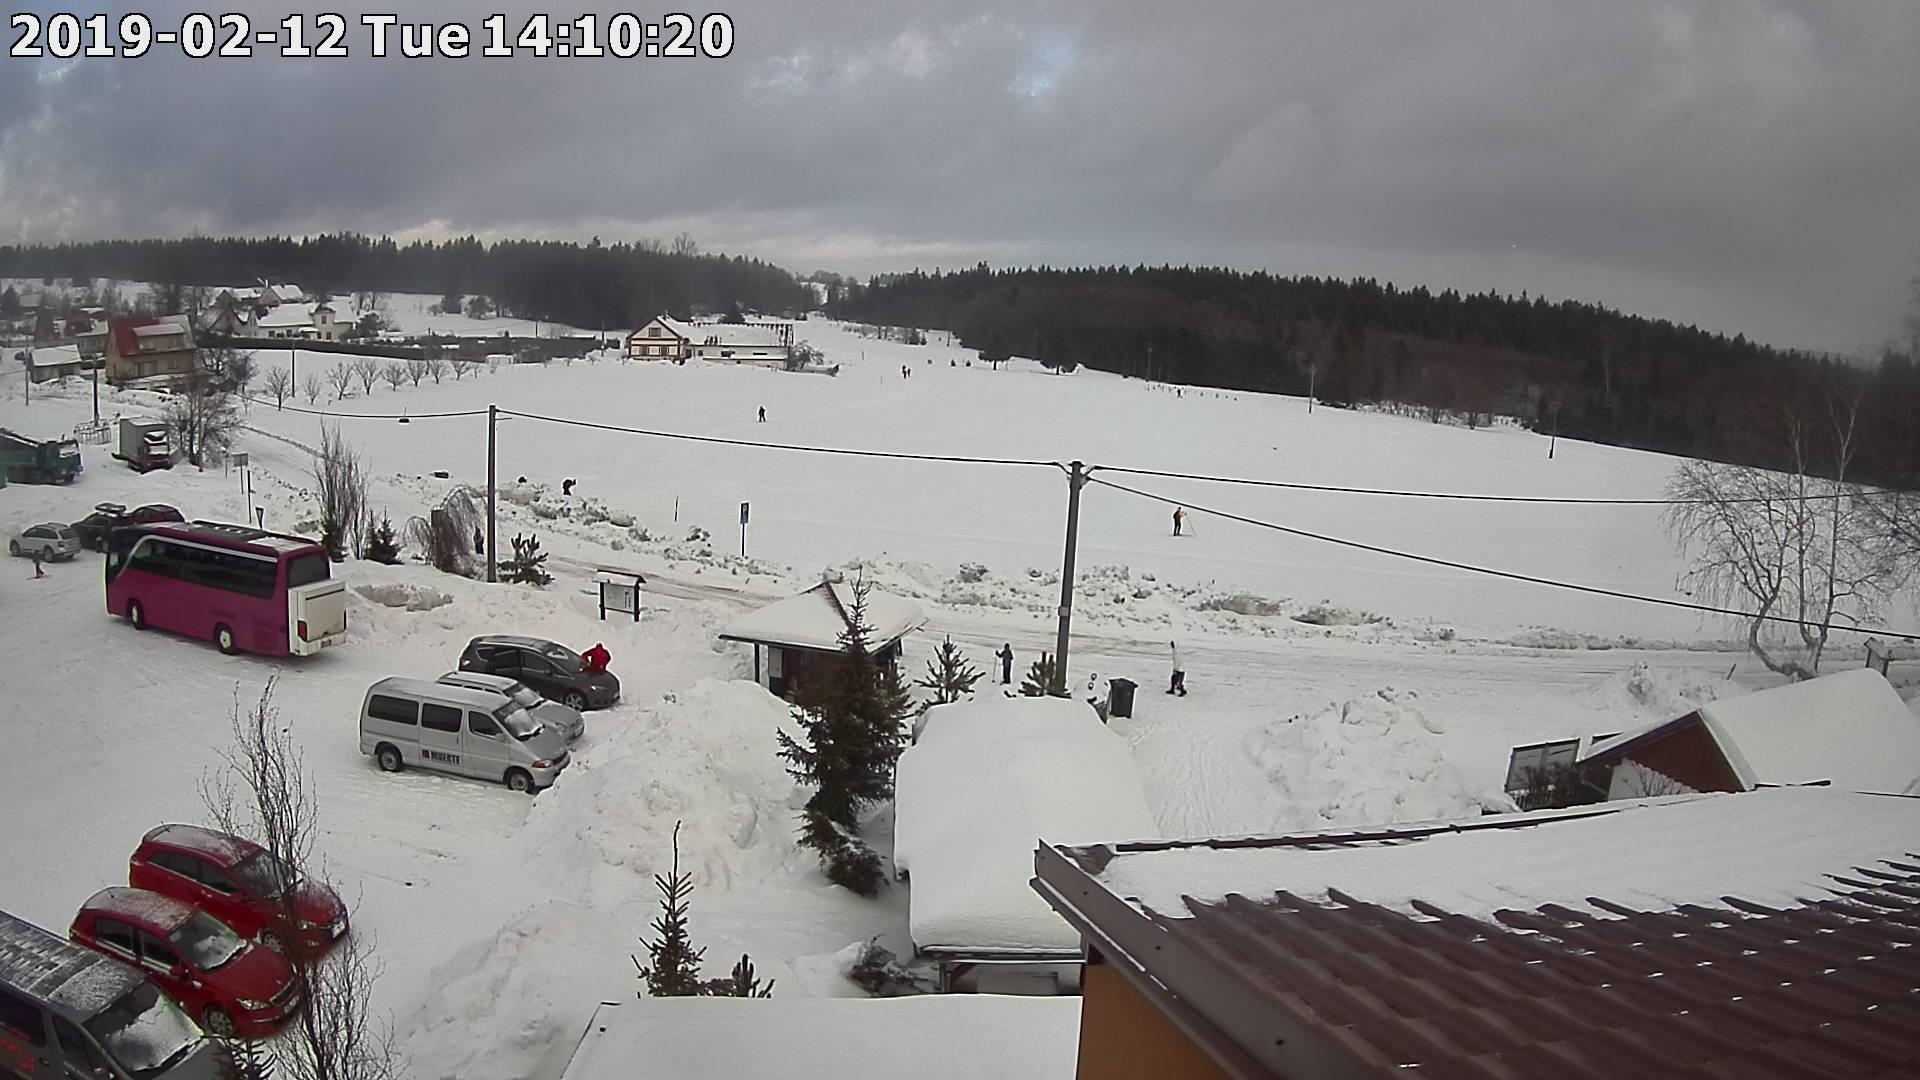 Webkamera ze dne 2019-02-12